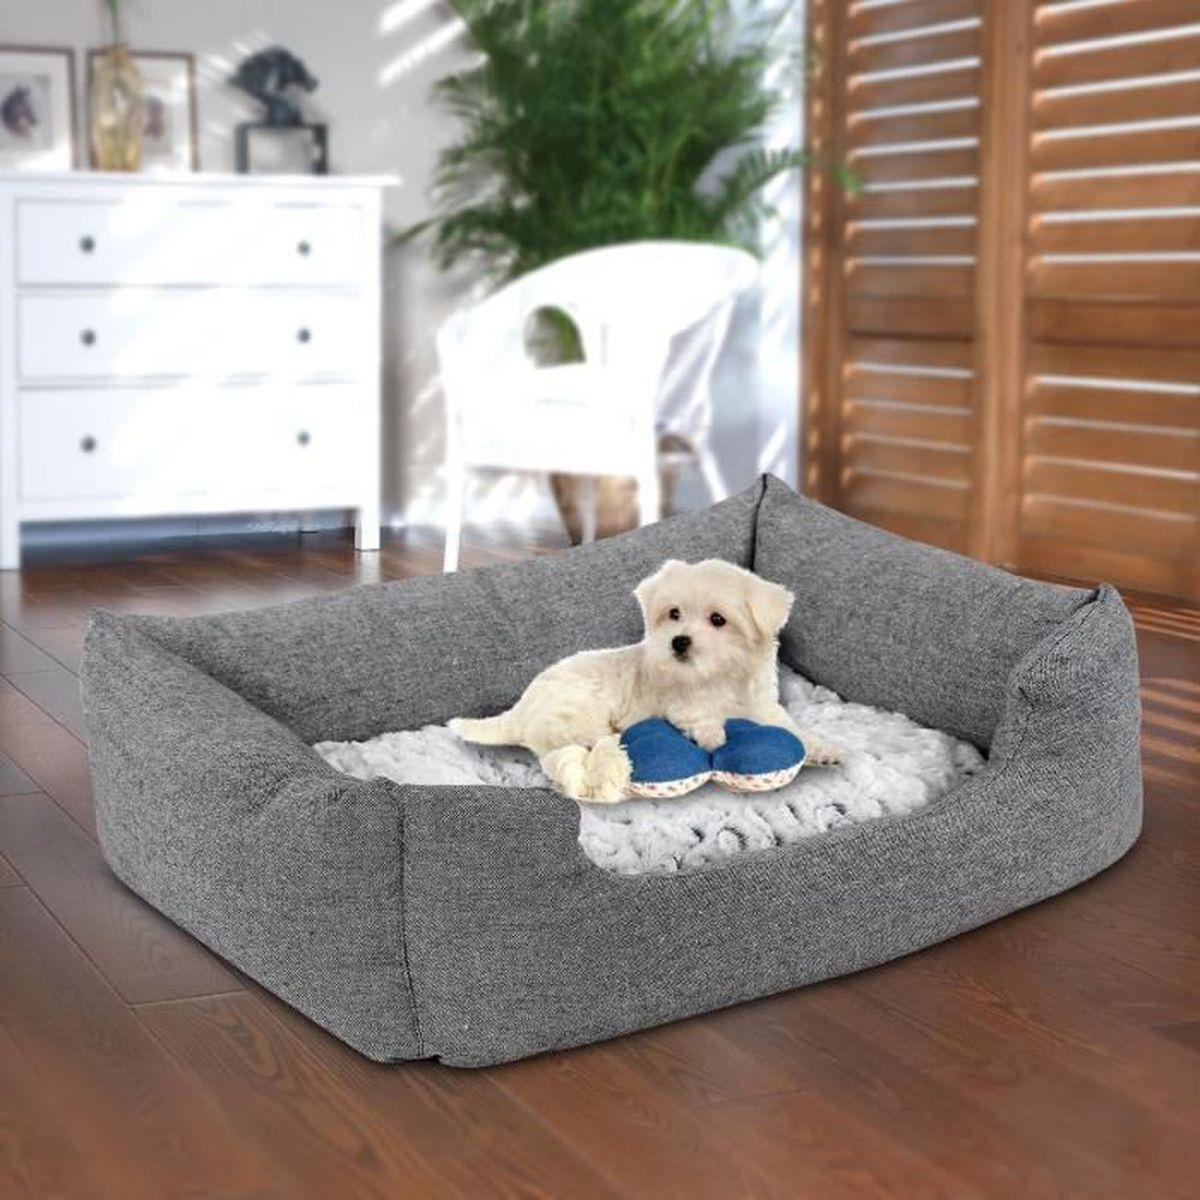 panier lit chien dog bed coussin matelas pour chien 60x50x22cm achat vente corbeille. Black Bedroom Furniture Sets. Home Design Ideas